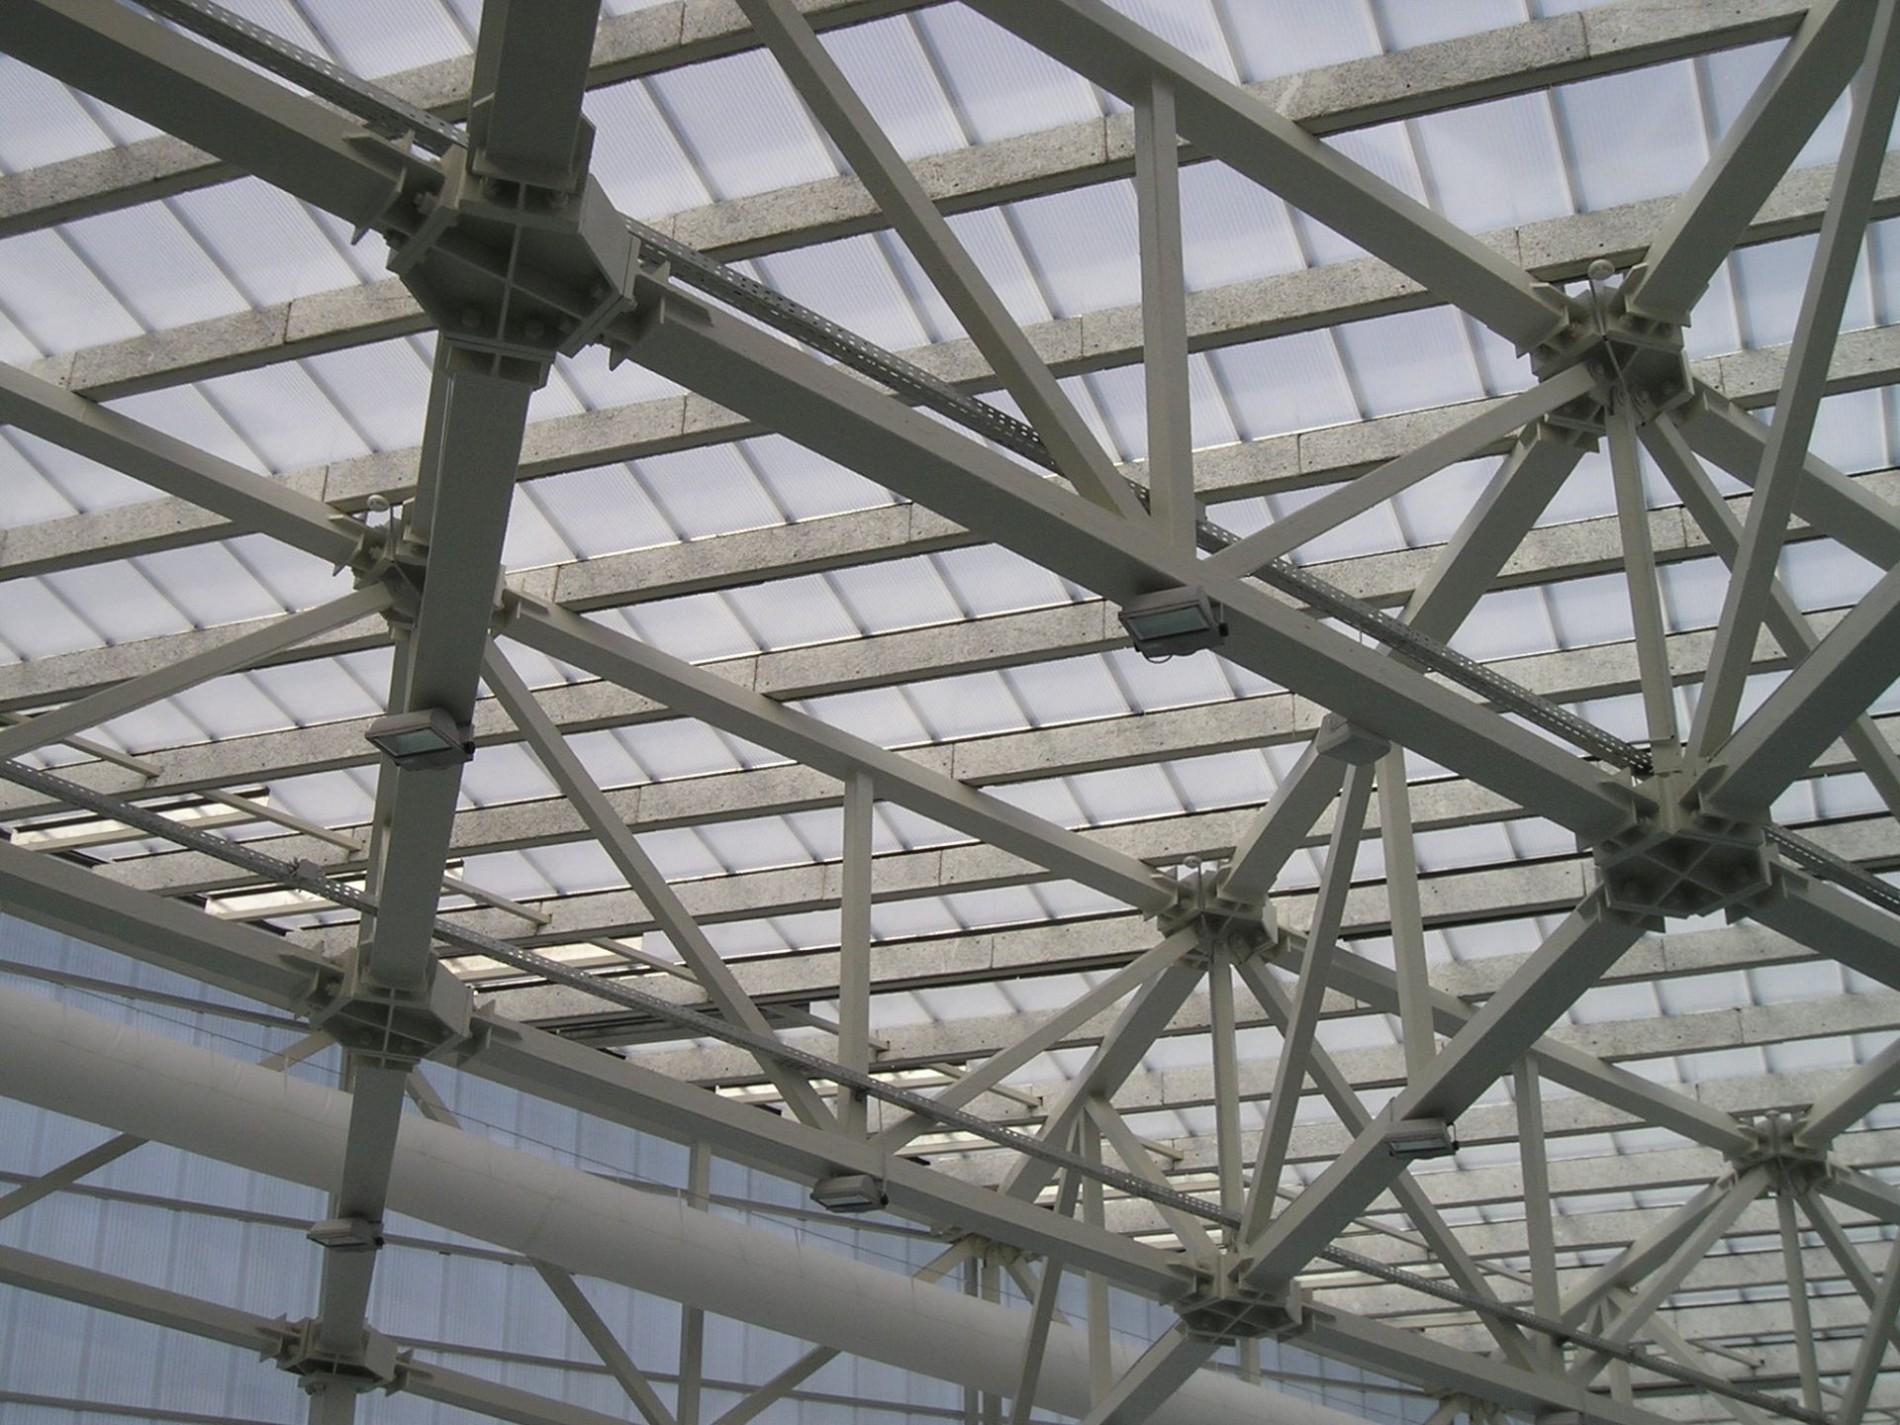 koprivnica, fran galović, gimnazija, konstrukcija, structure, upi-2m, upi2m, steel, čelik, koprivnica, hrvatska